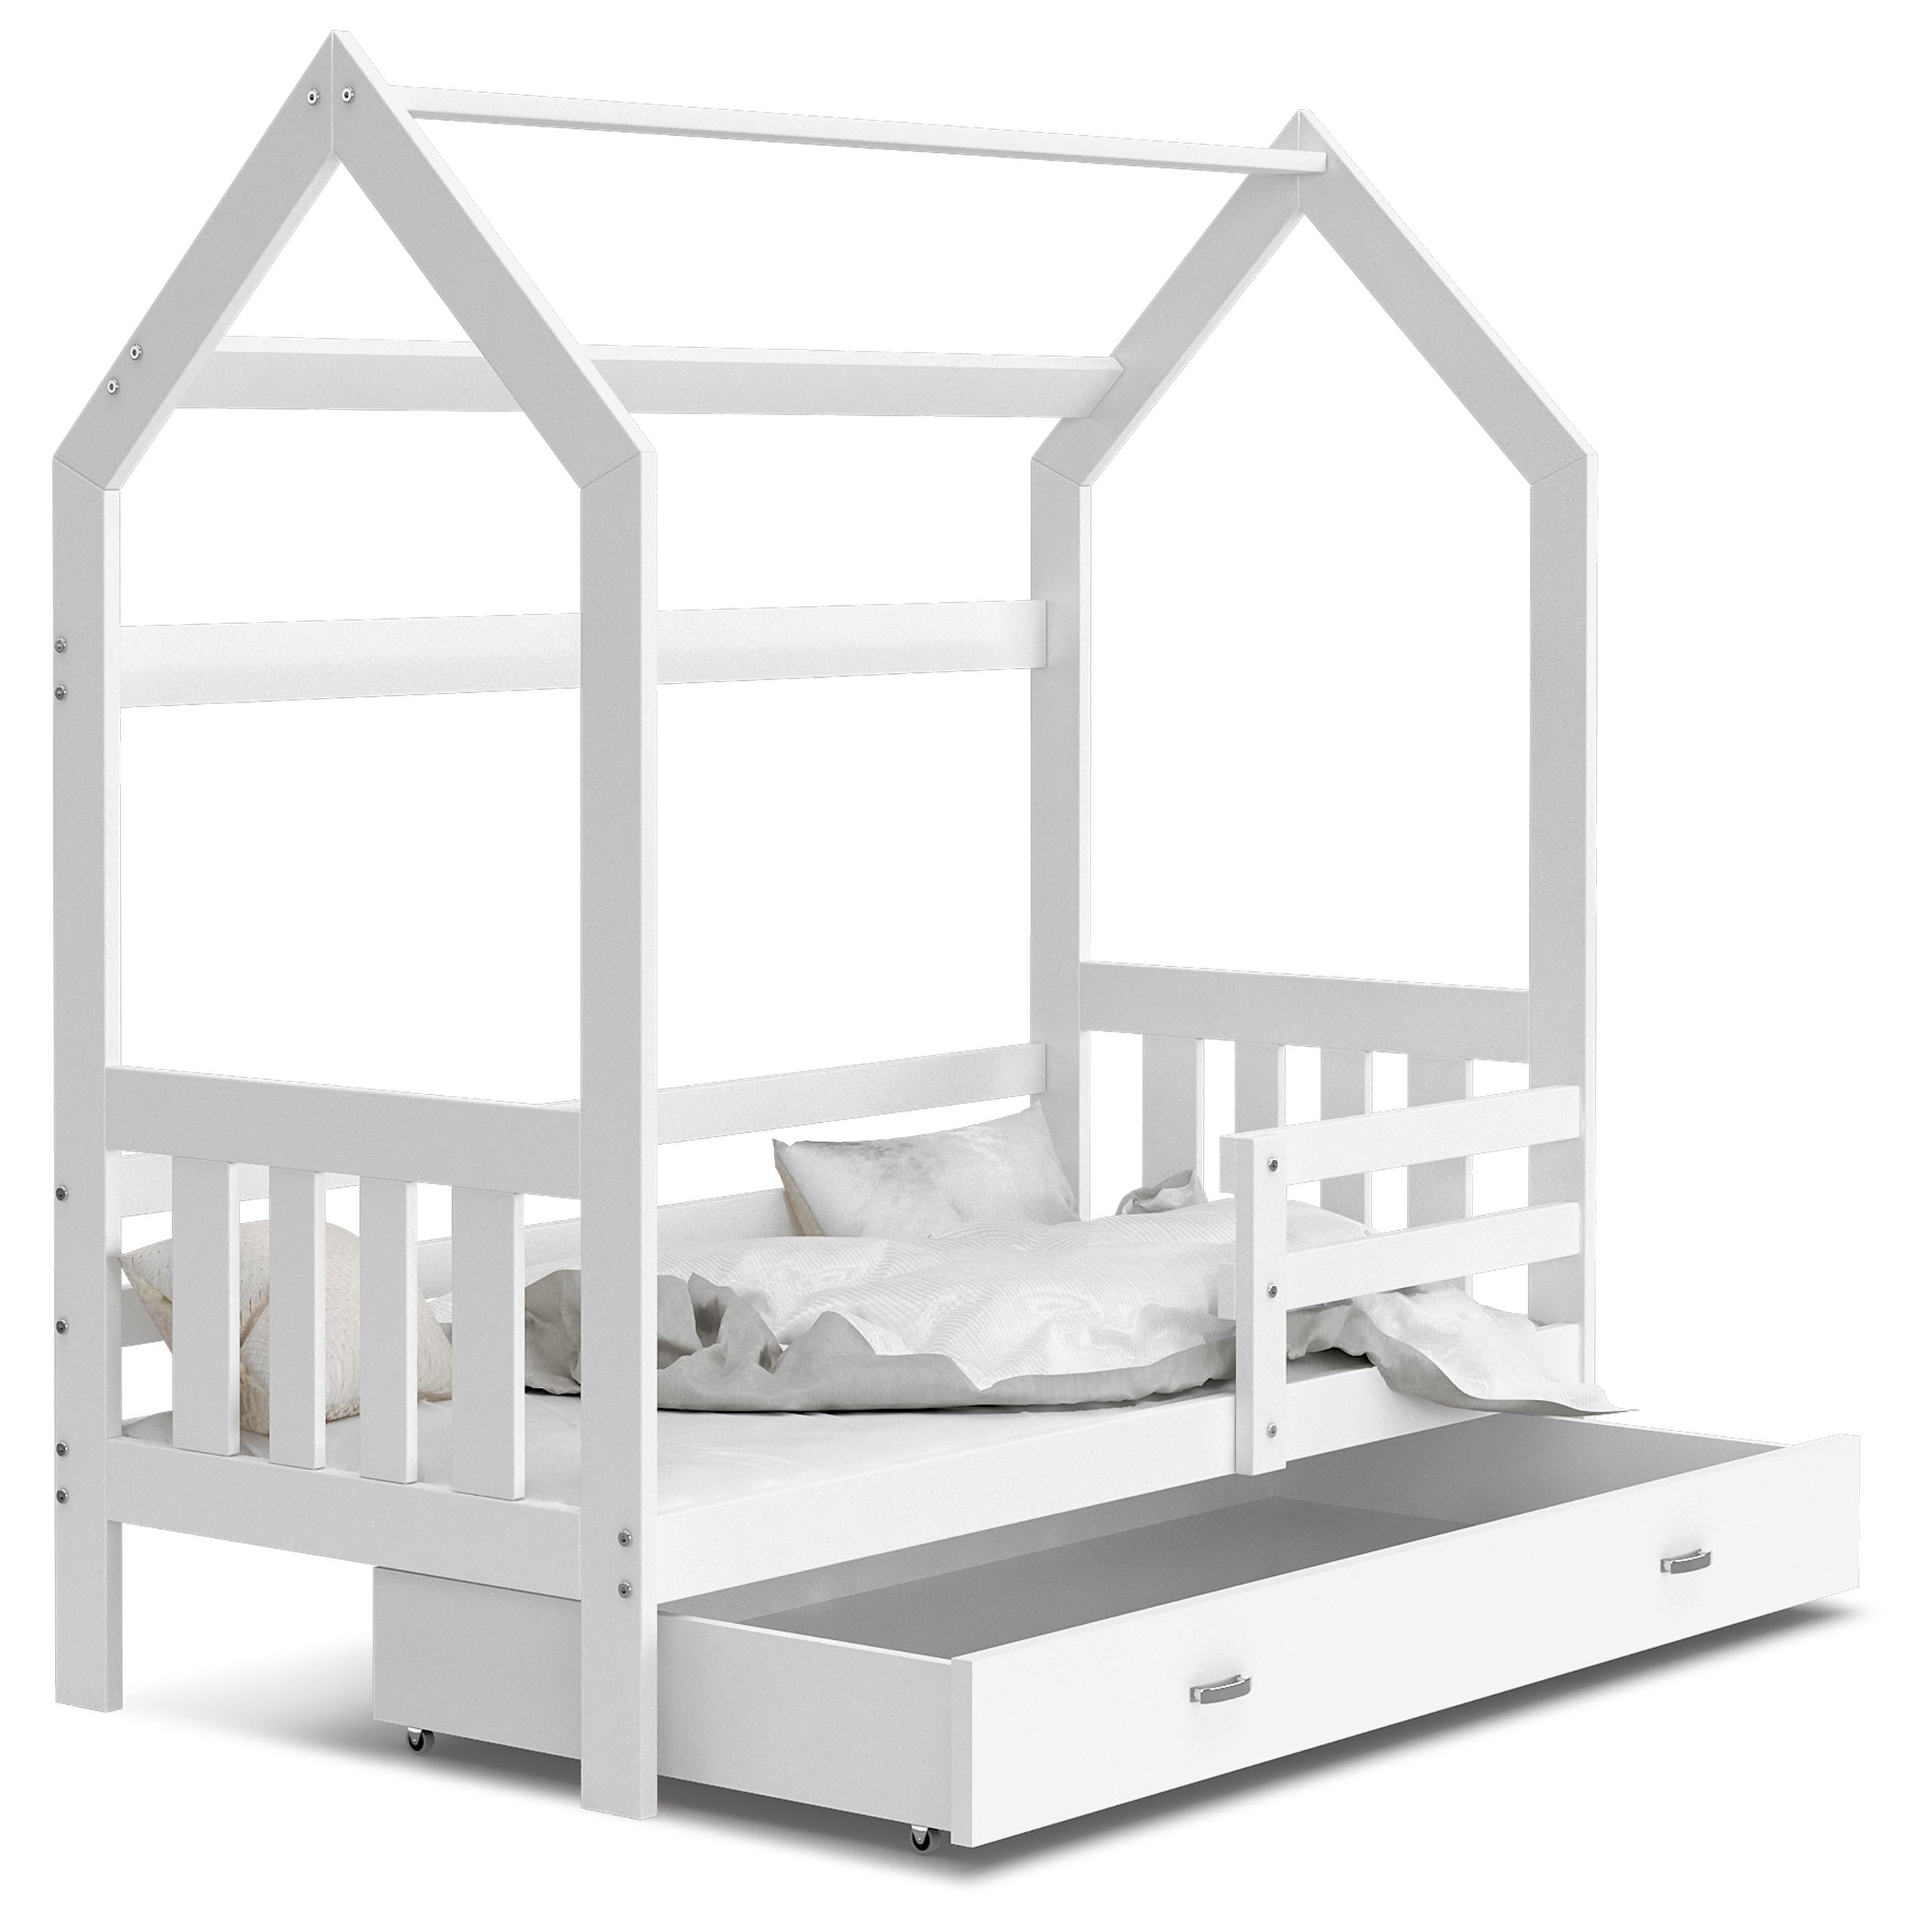 Деревянная кровать HOUSE 2 каркас матраса 160x80